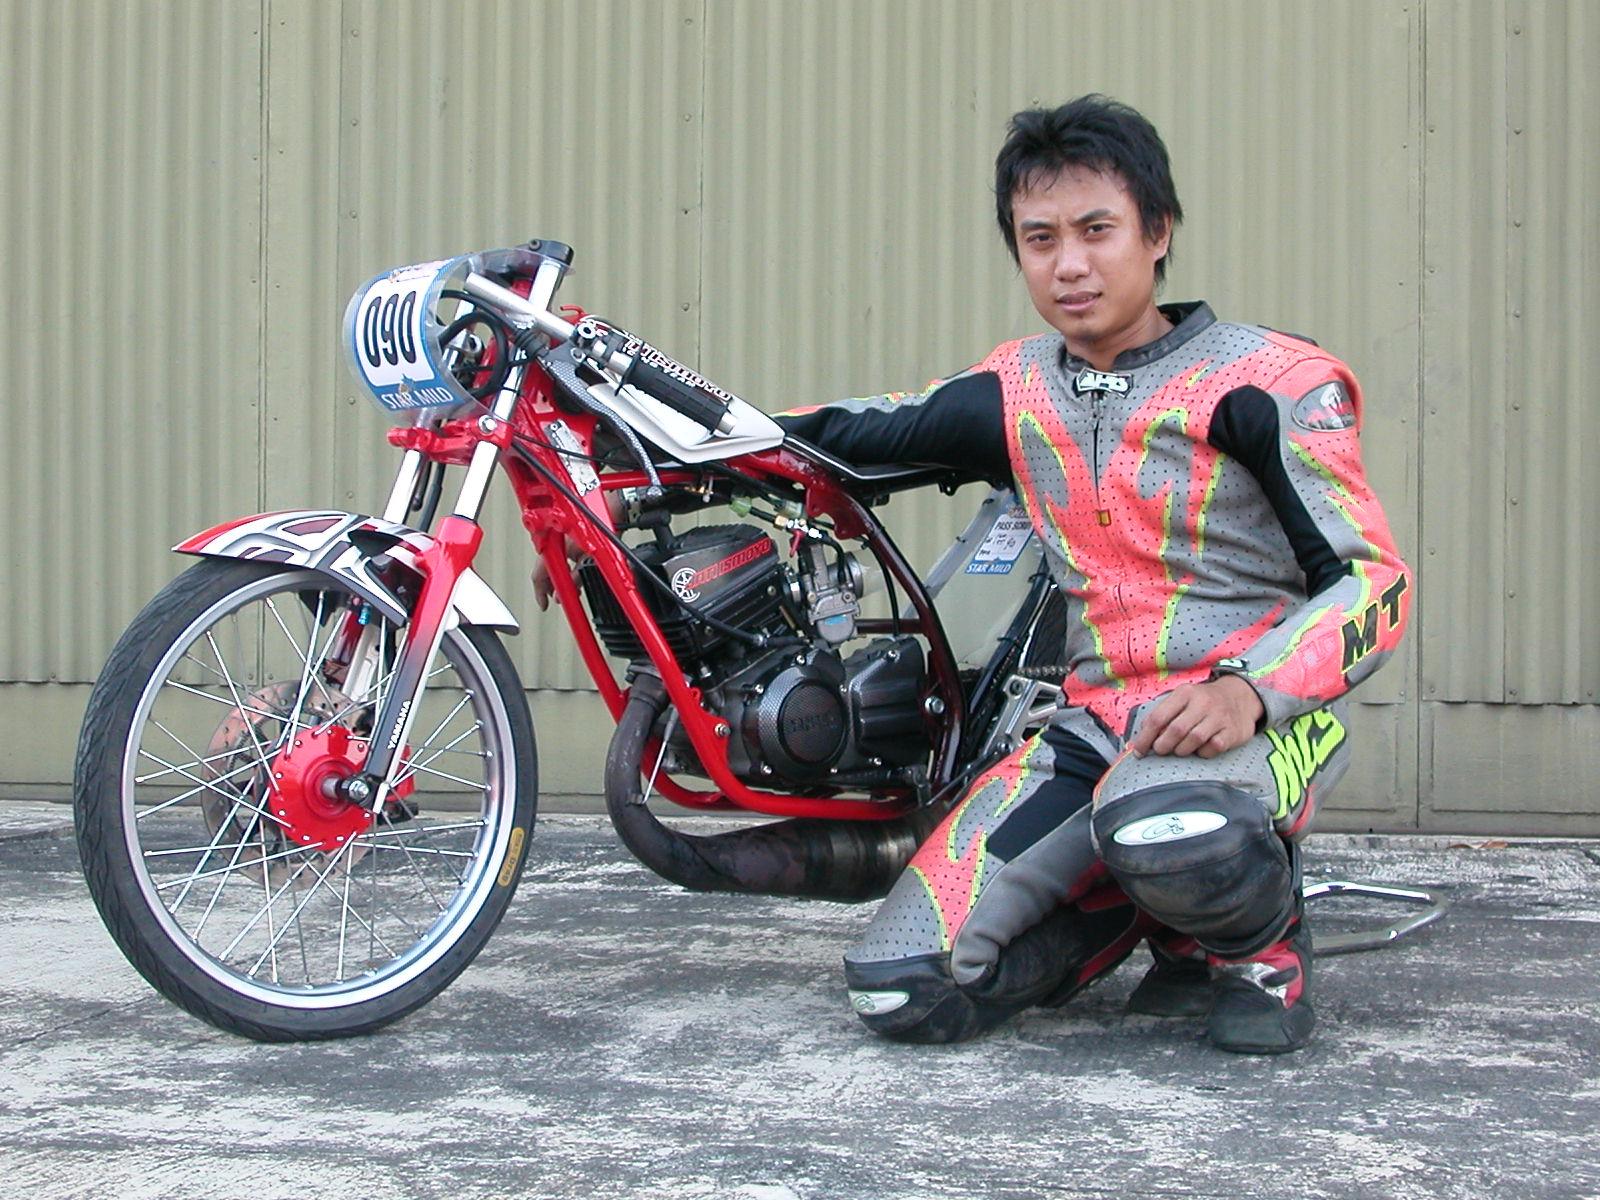 pic new posts Yamaha Rx 135 Wallpaper